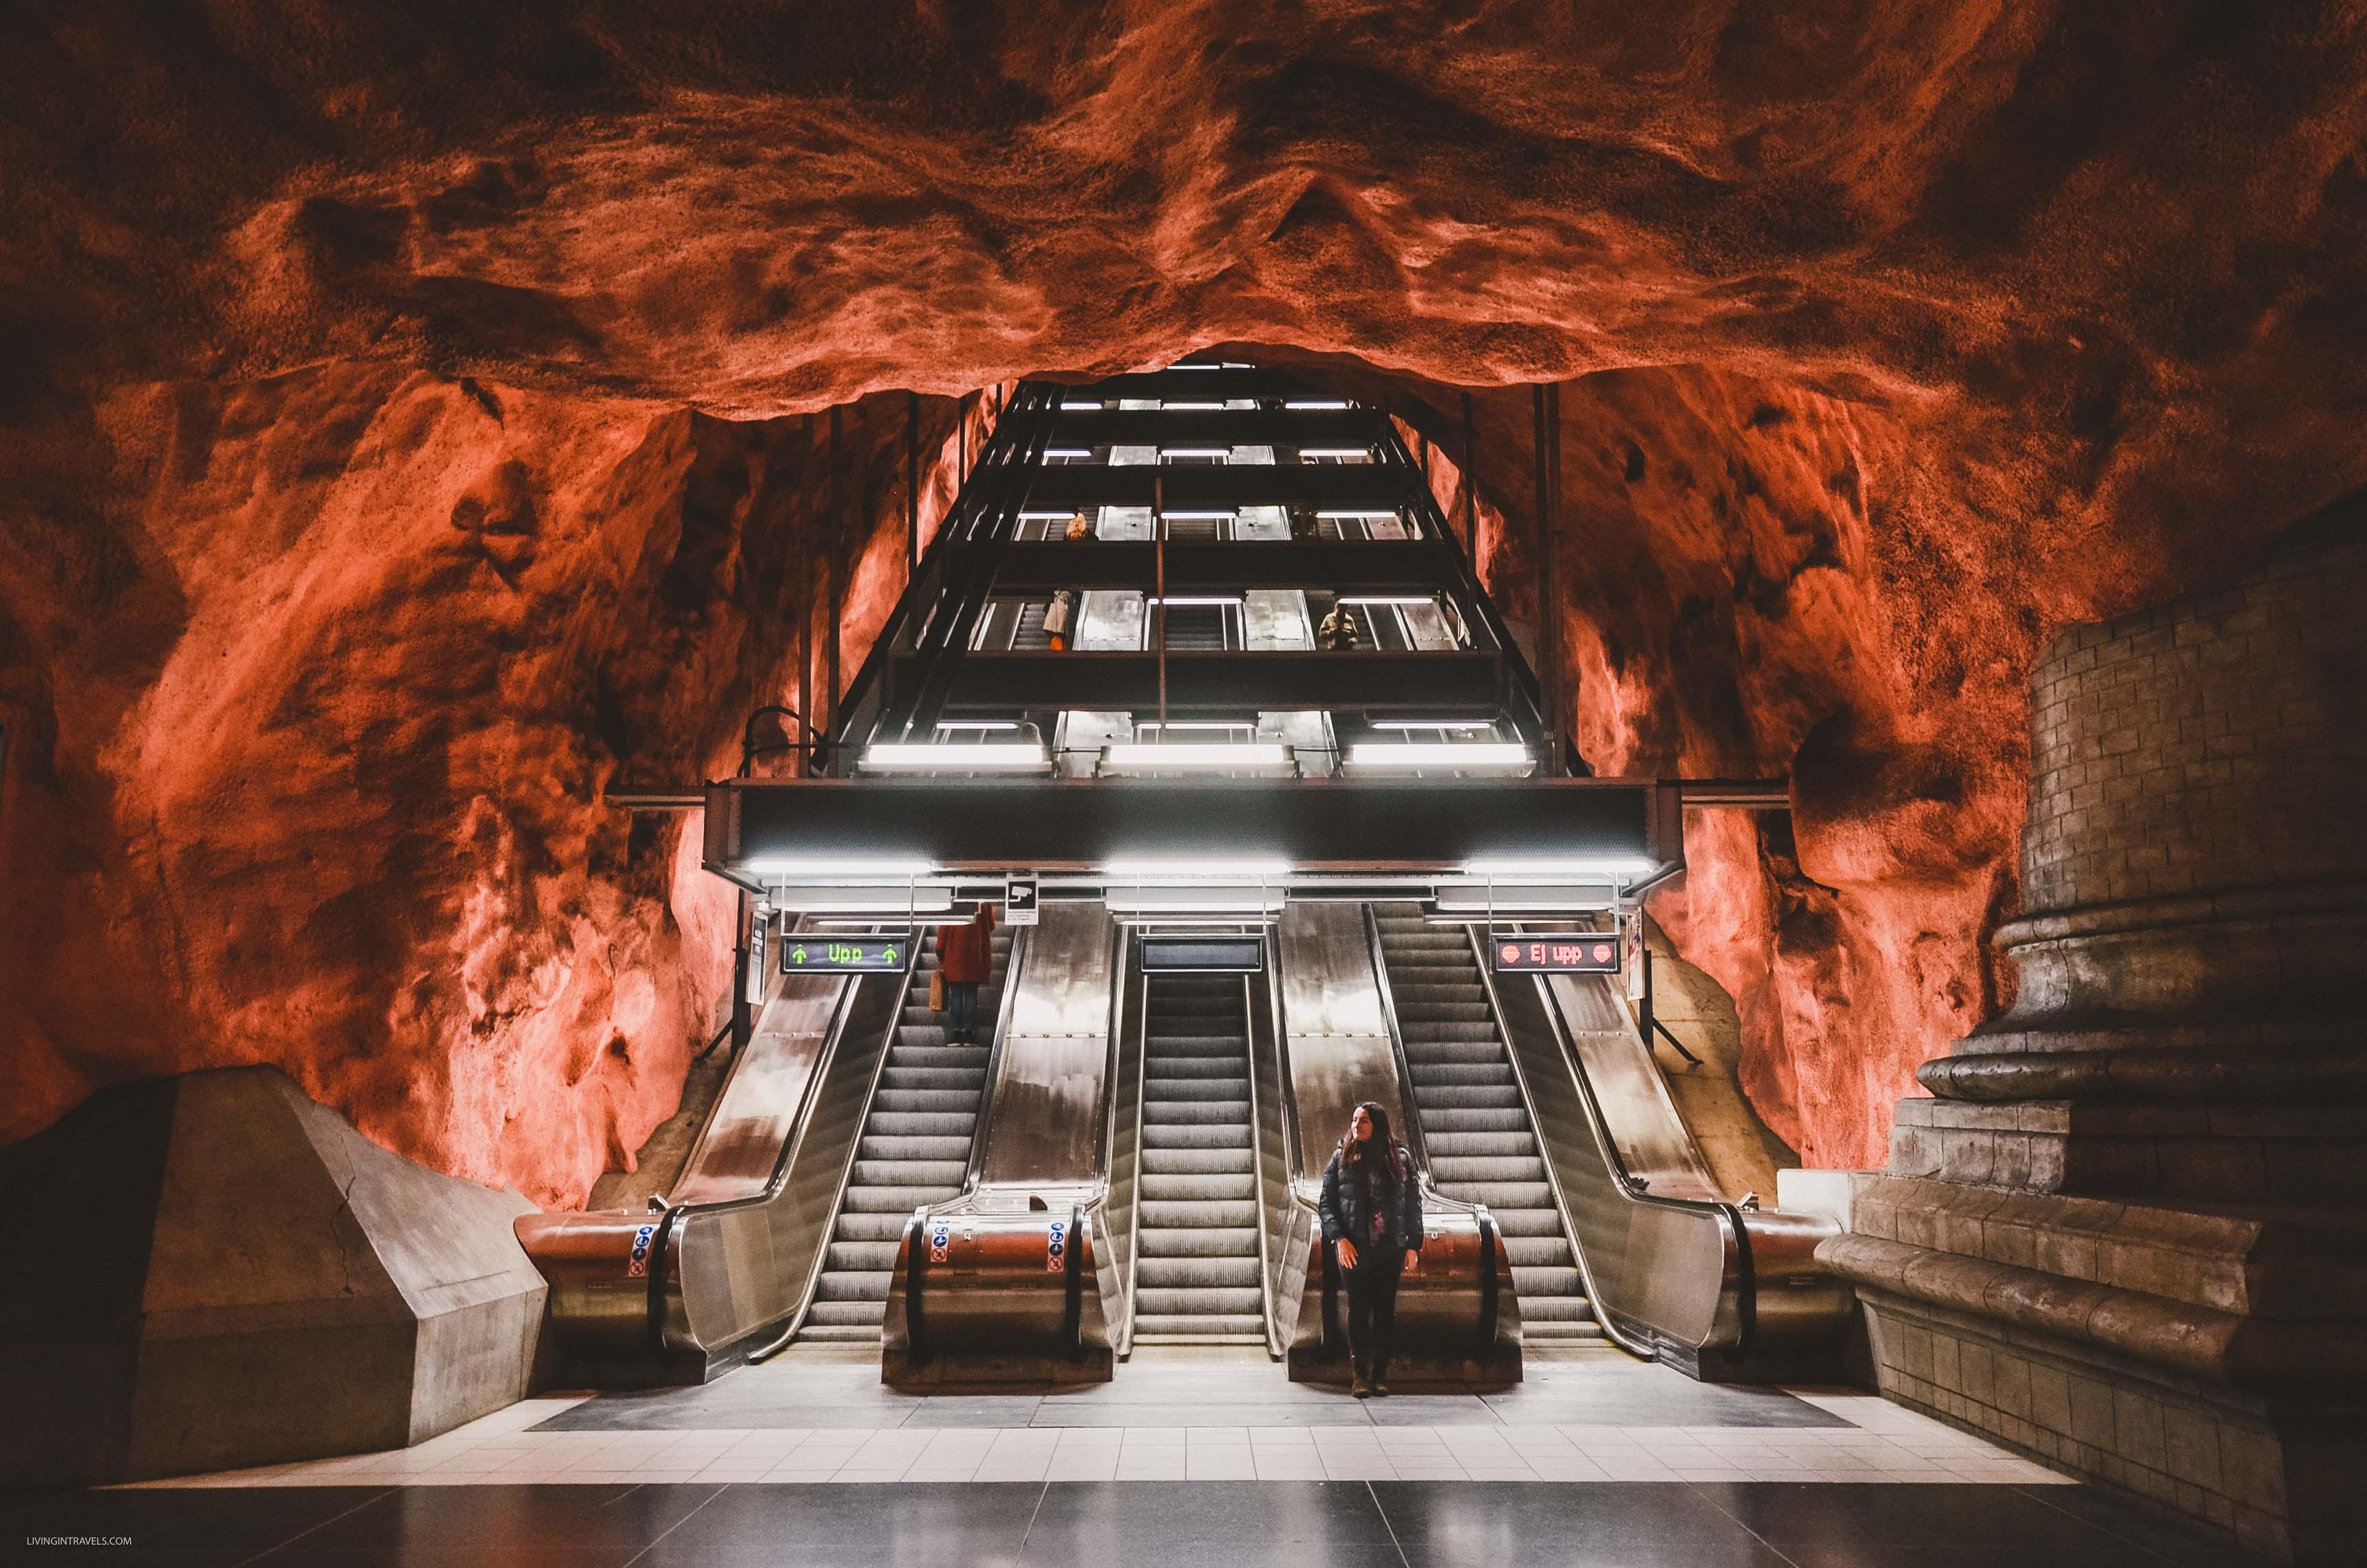 Станция Rådhuset. Арт-тур по метро Стокгольма: самые красивые станции